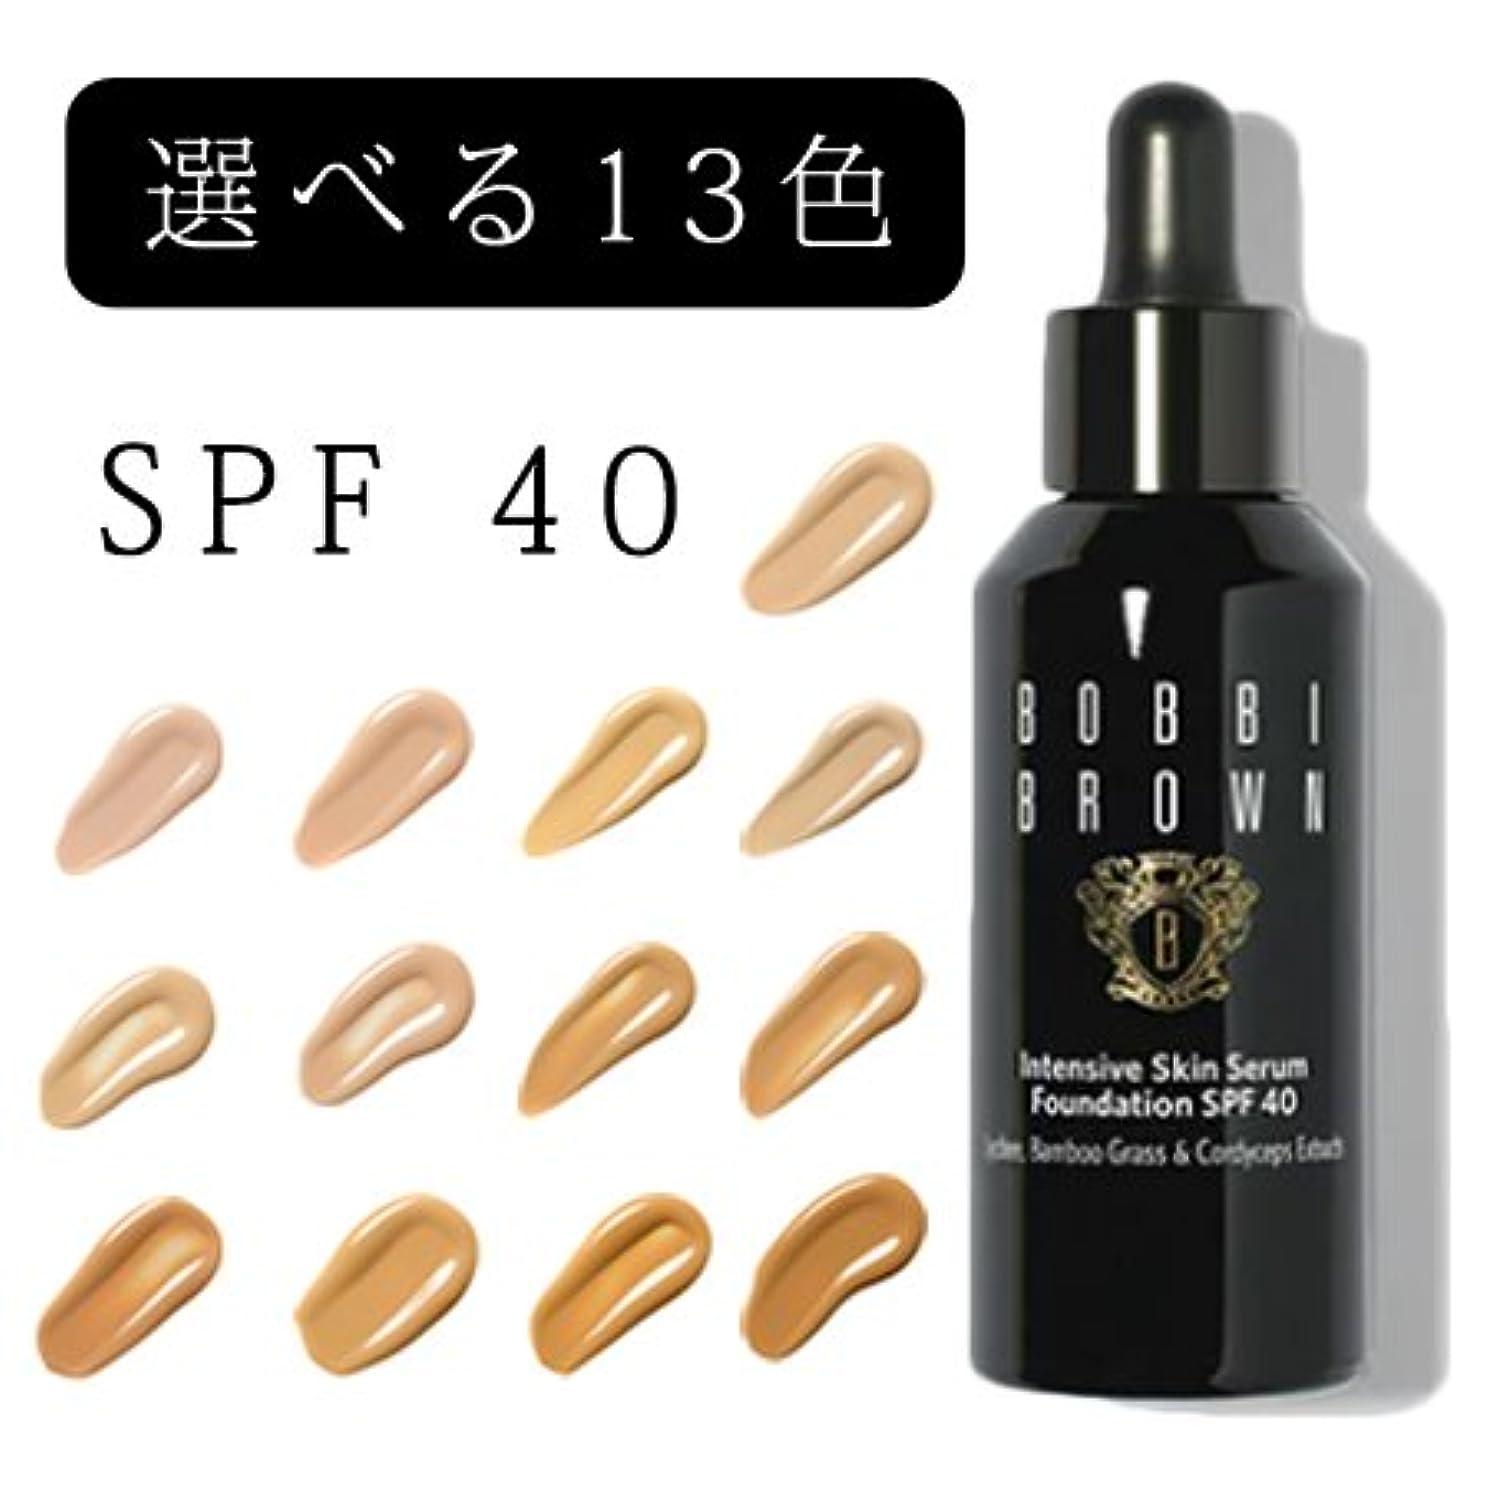 ボビイブラウン インテンシブ スキン セラム ファンデーション SPF 40 (PA++++) 13色展開 -BOBBI BROWN- ウォームベージュ